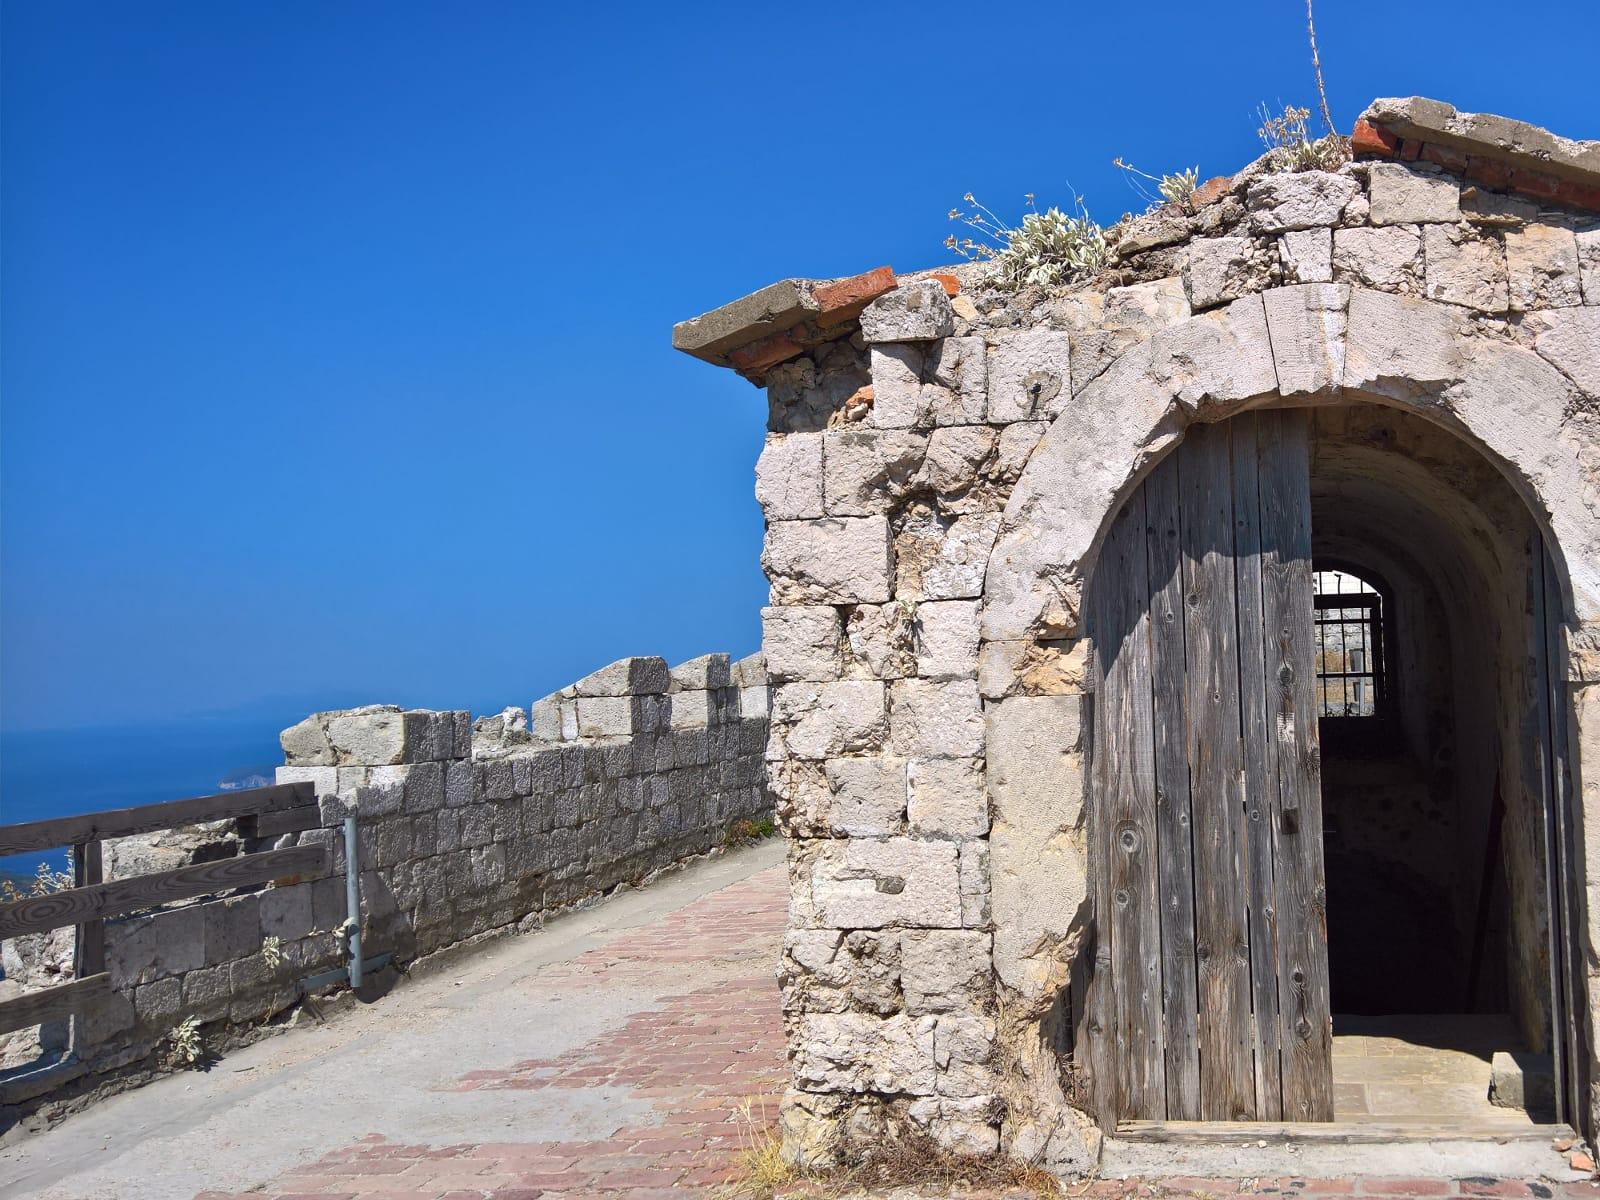 Viaggio a Dubrovnik: la funicolare e due tappe in memoria di una città ferita dalla guerra